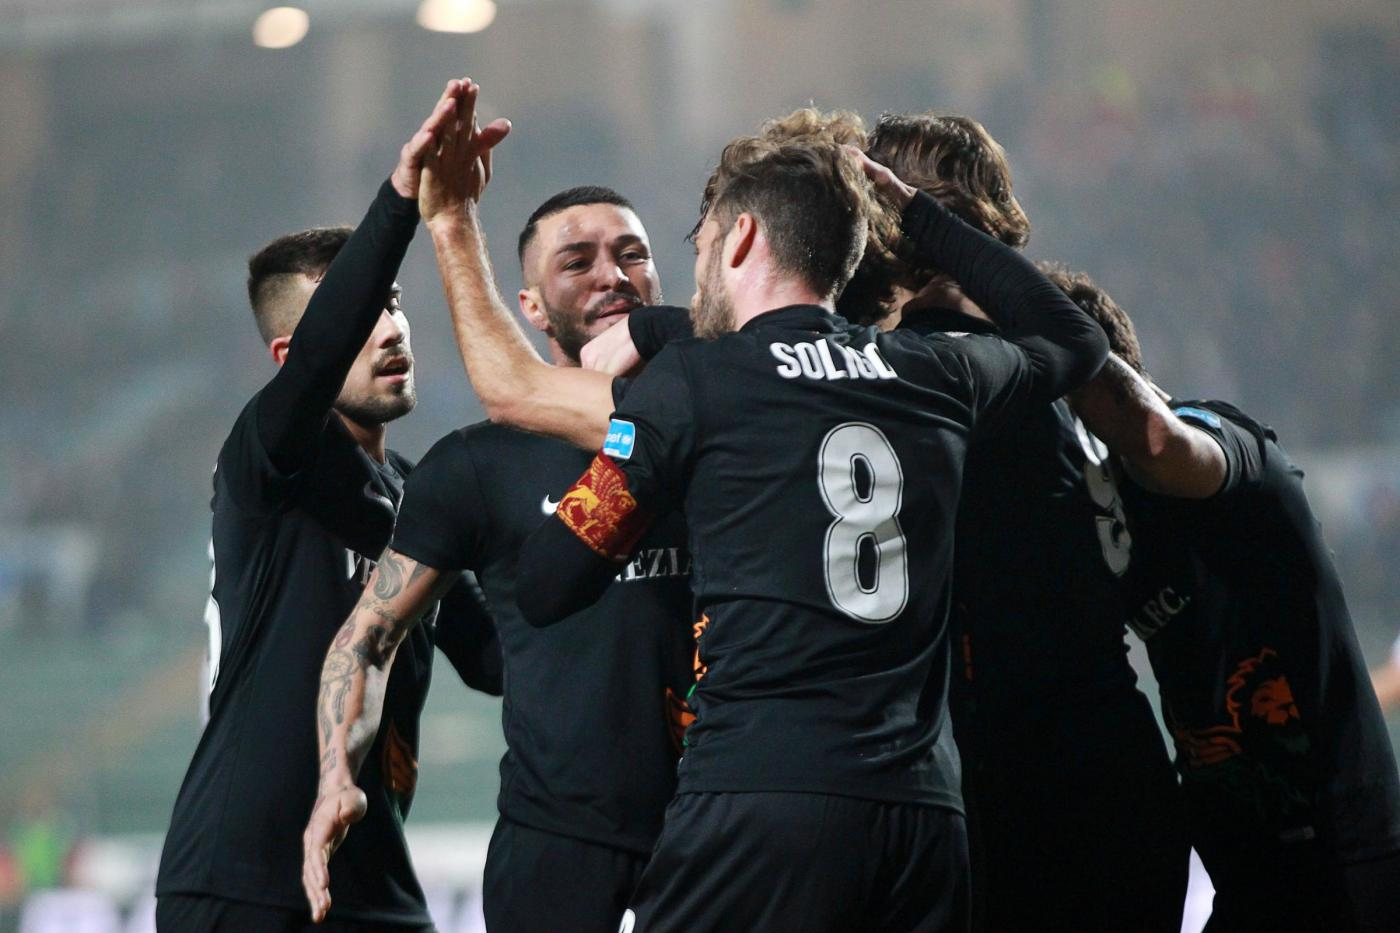 Serie B pronostici giornata 11 turno infrasettimanale lunedì 23 e martedì 24 ottobre